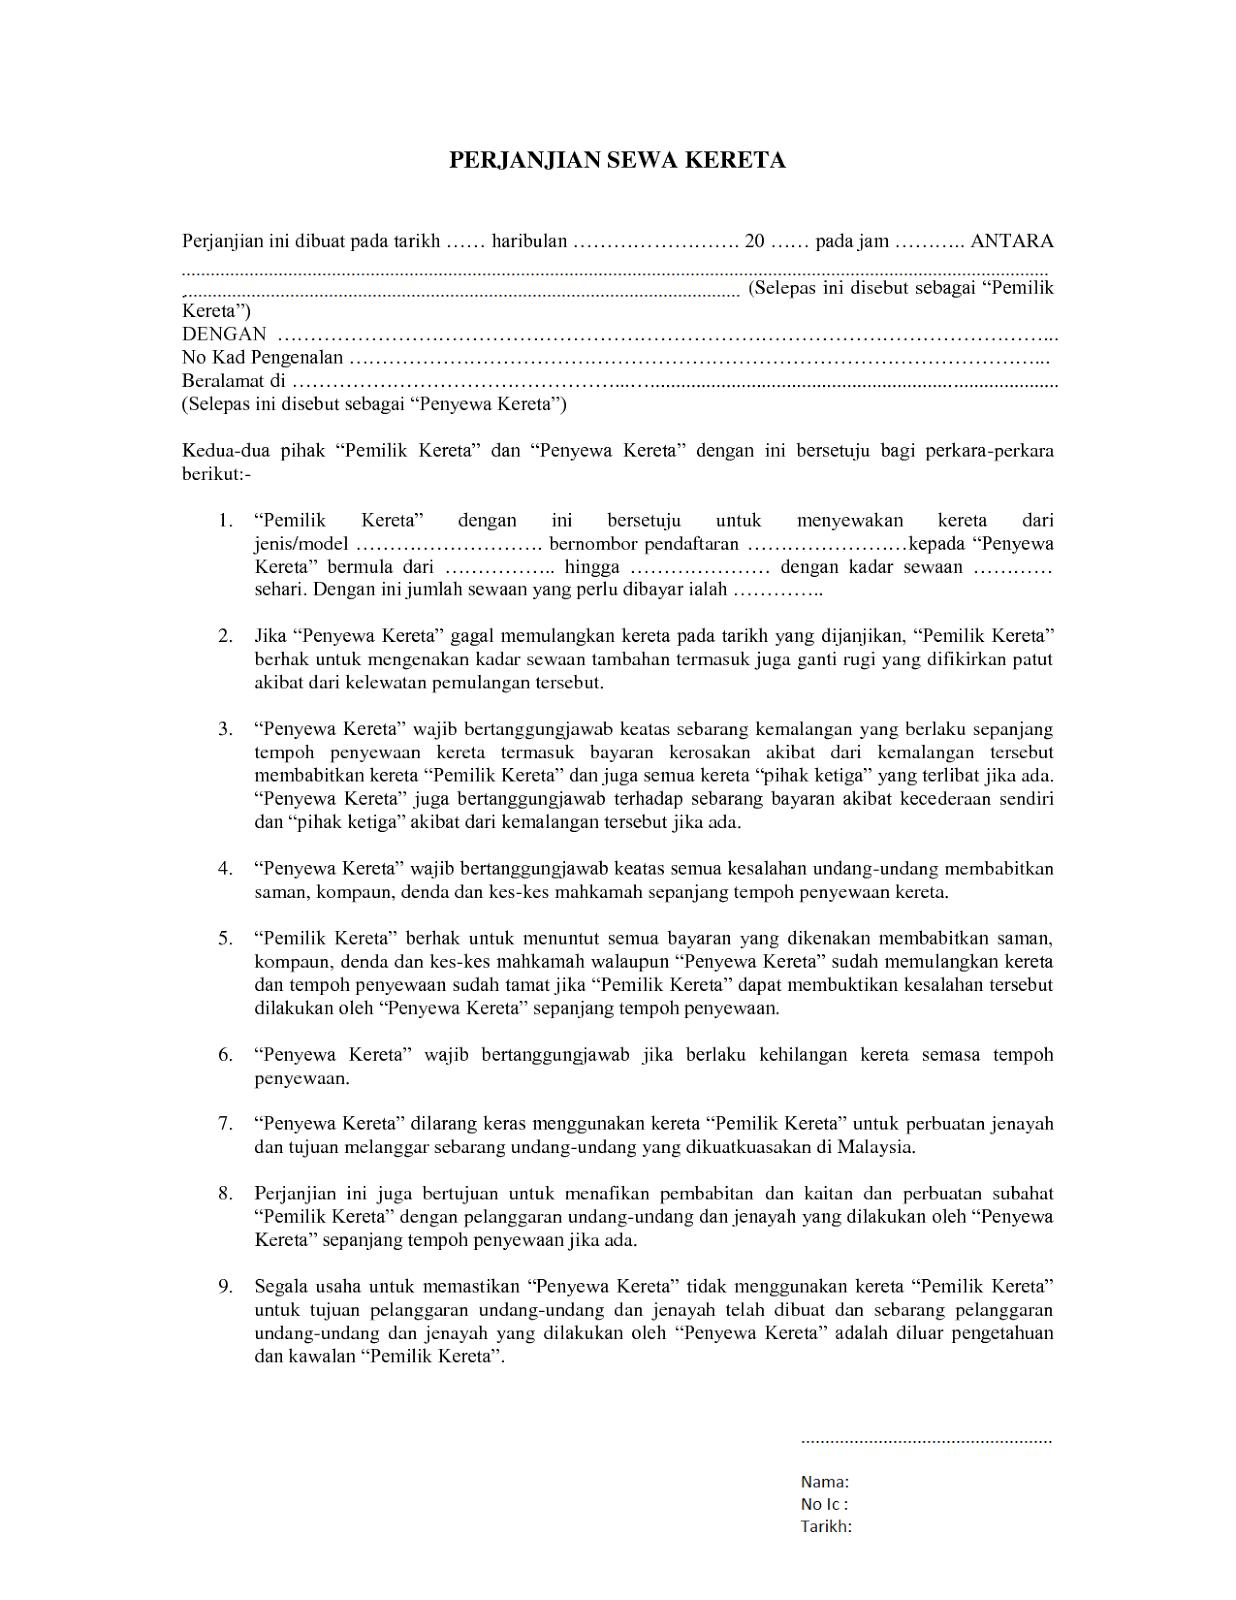 Hot Topik Contoh Surat Perjanjiansewa Kereta